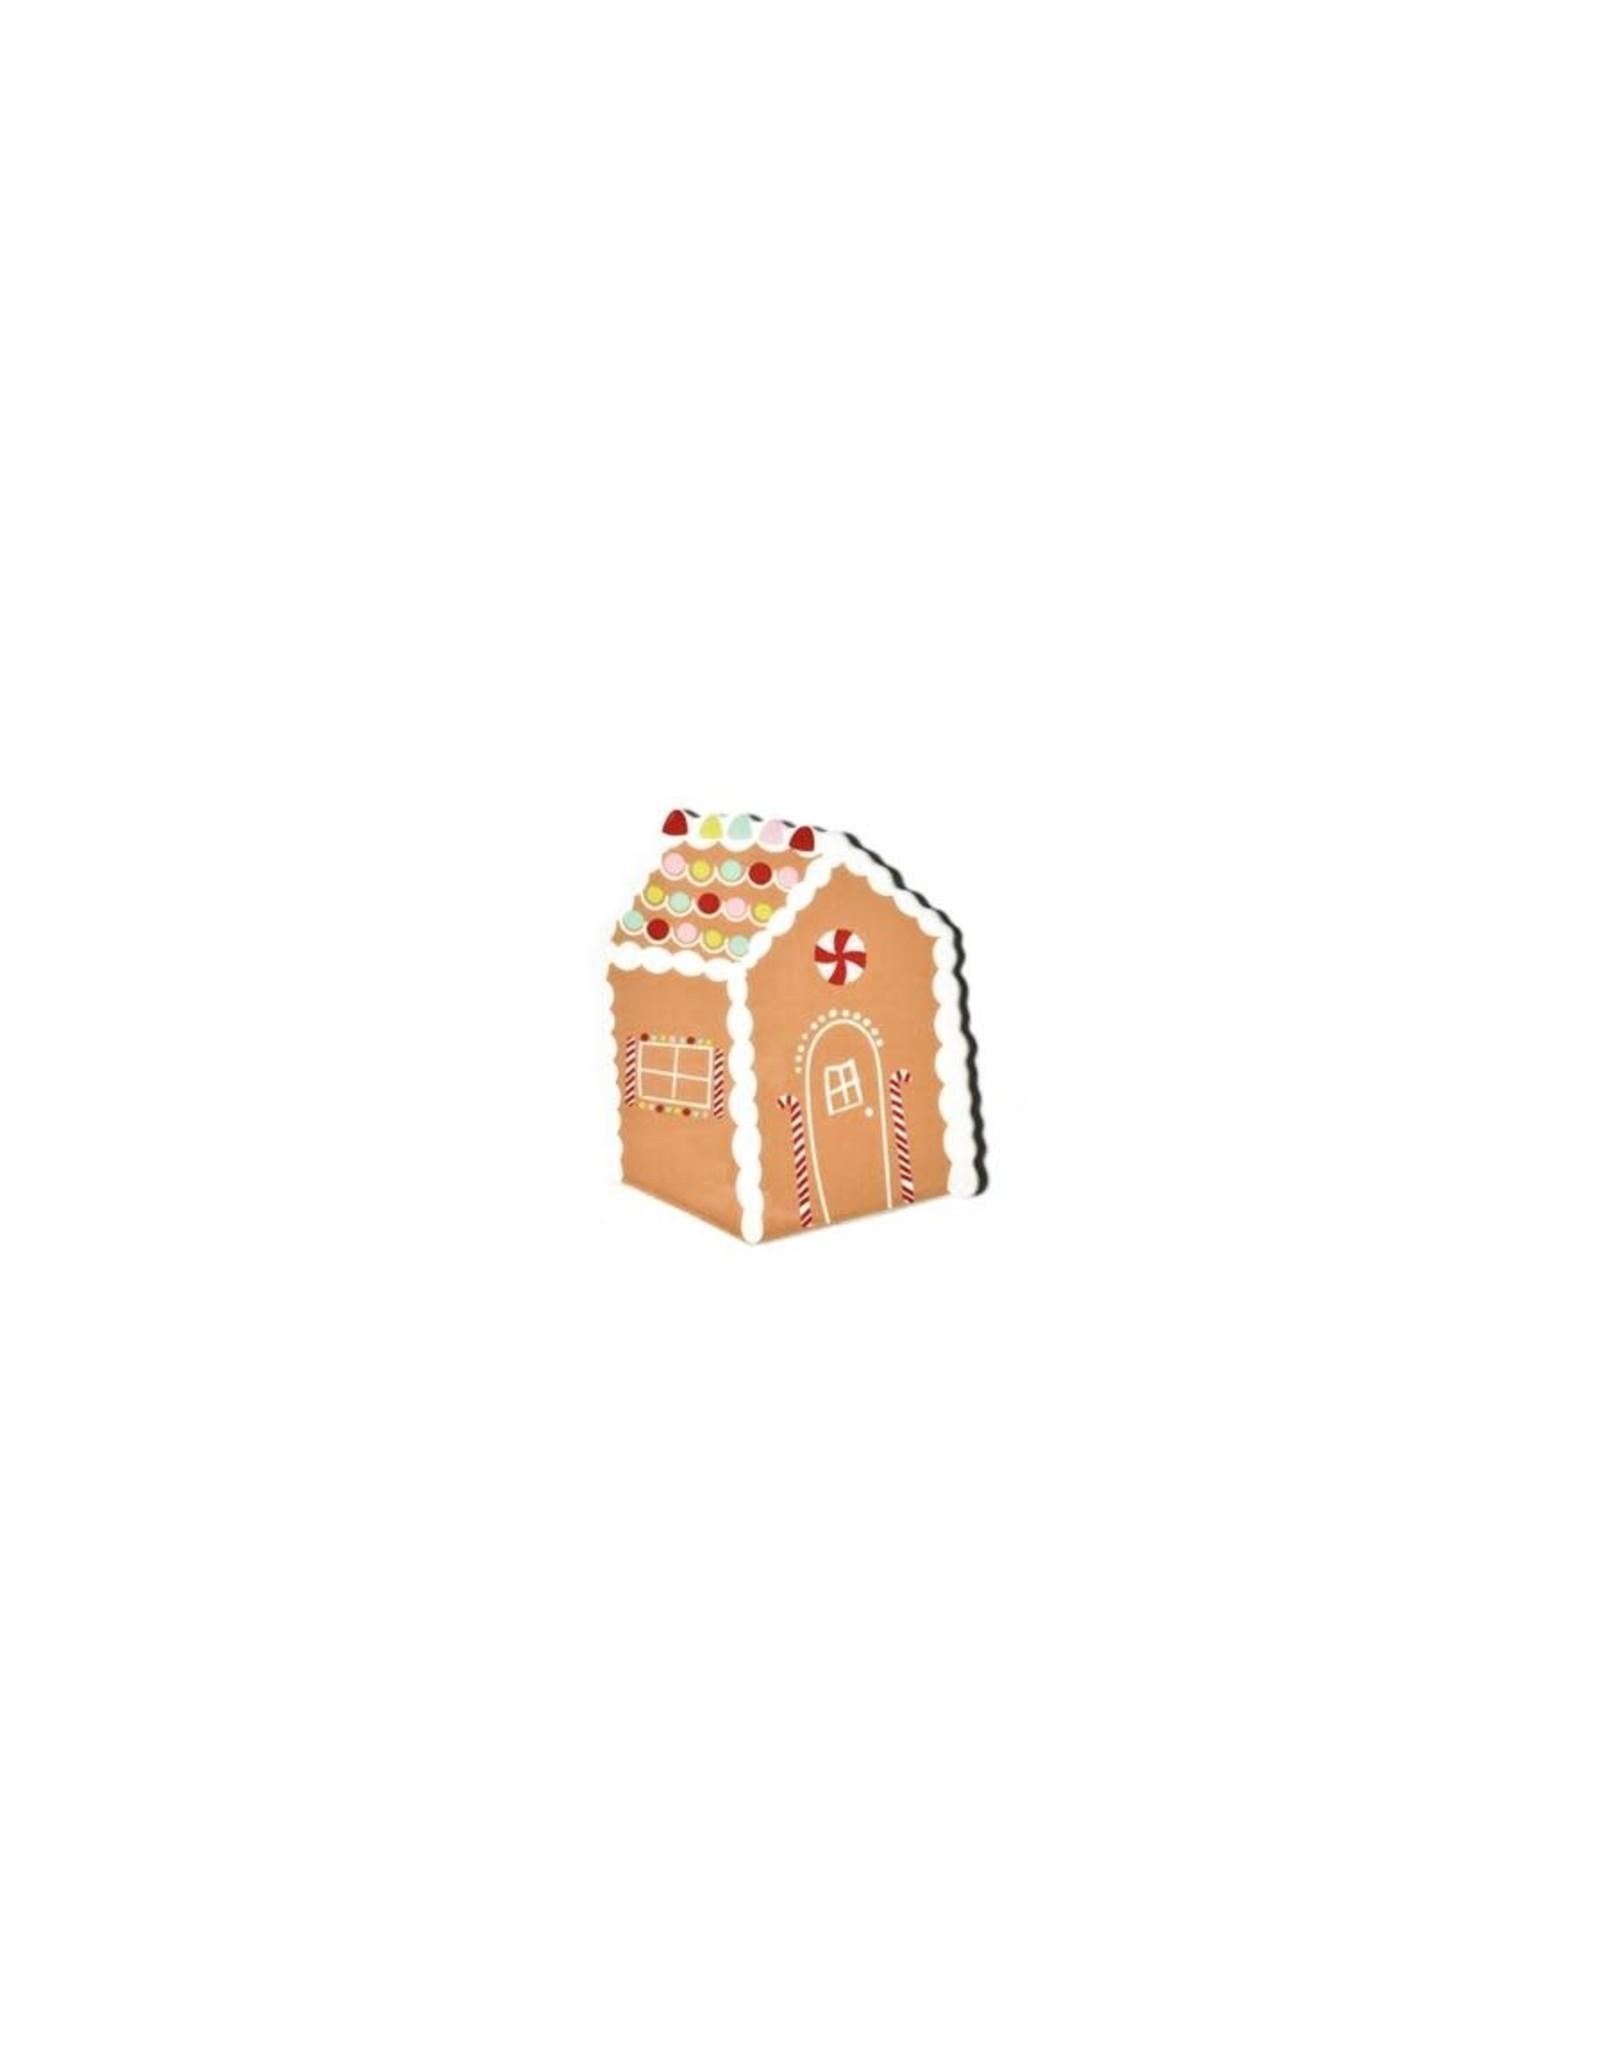 Gingerbread House Mini Attachment